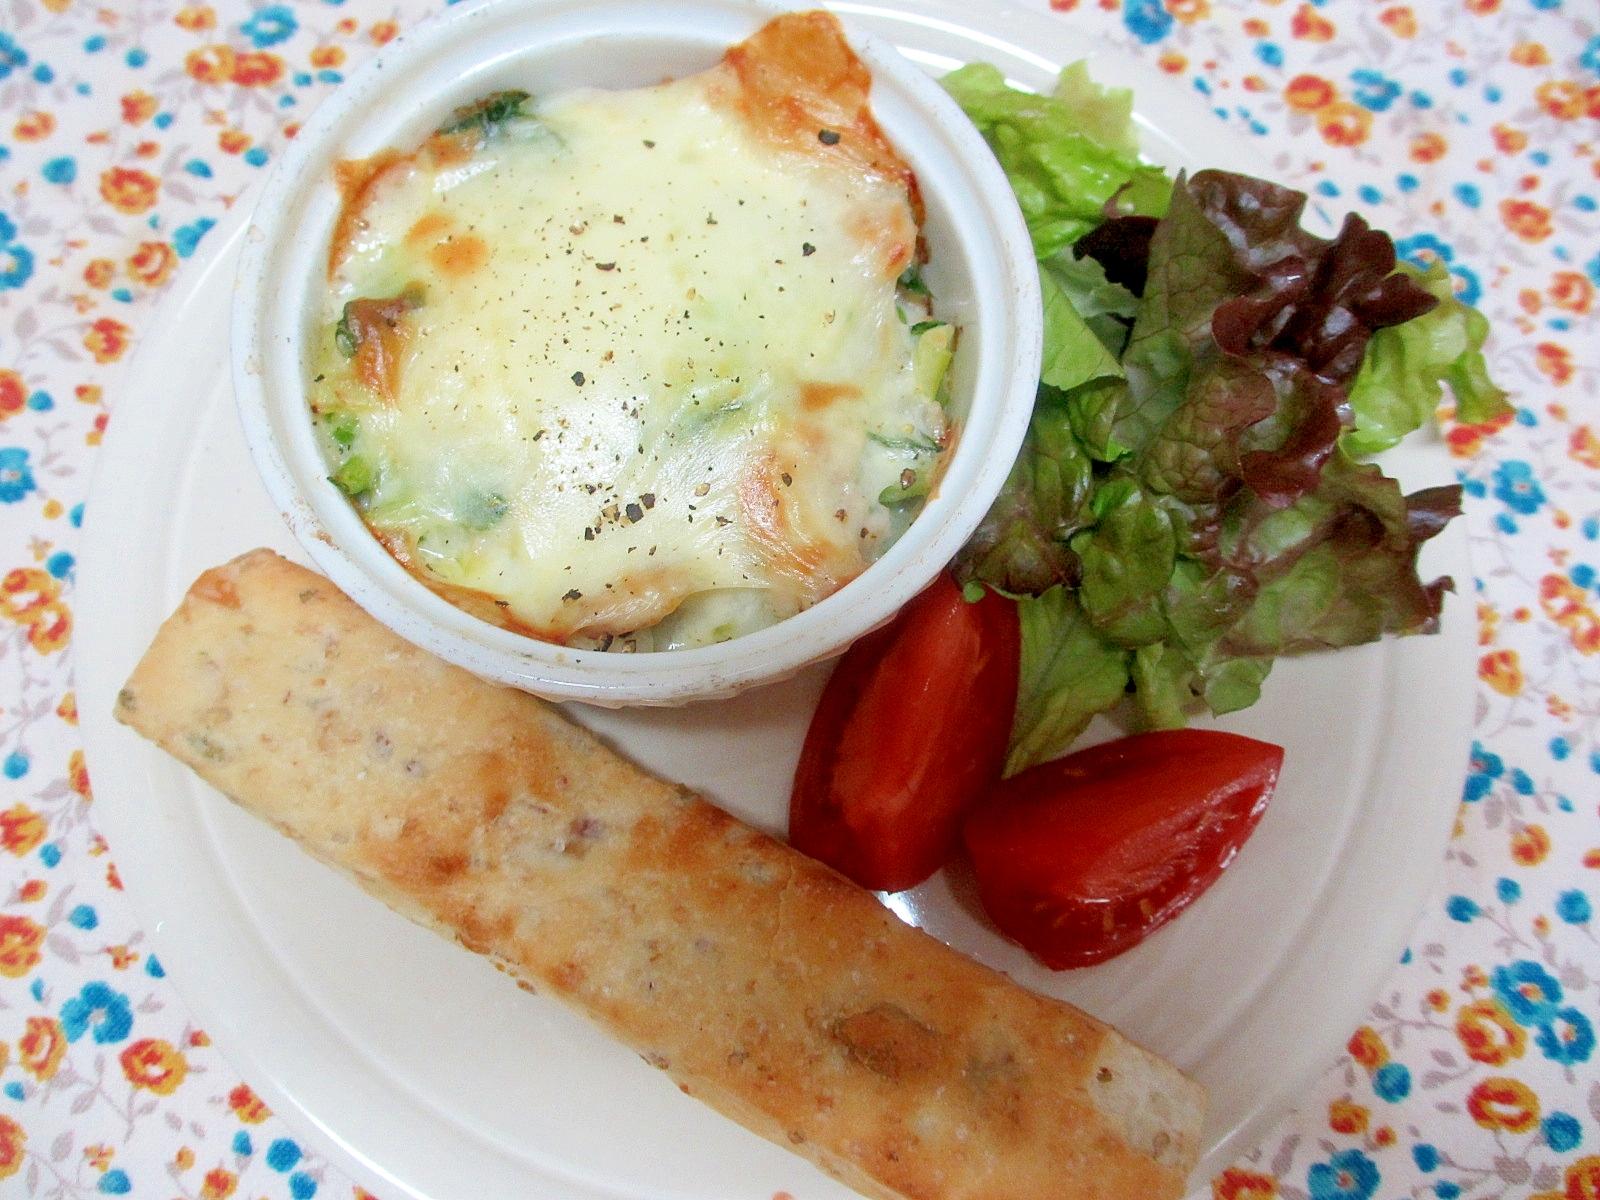 ひき肉と小松菜のポタージュグラタンの朝パンプレート